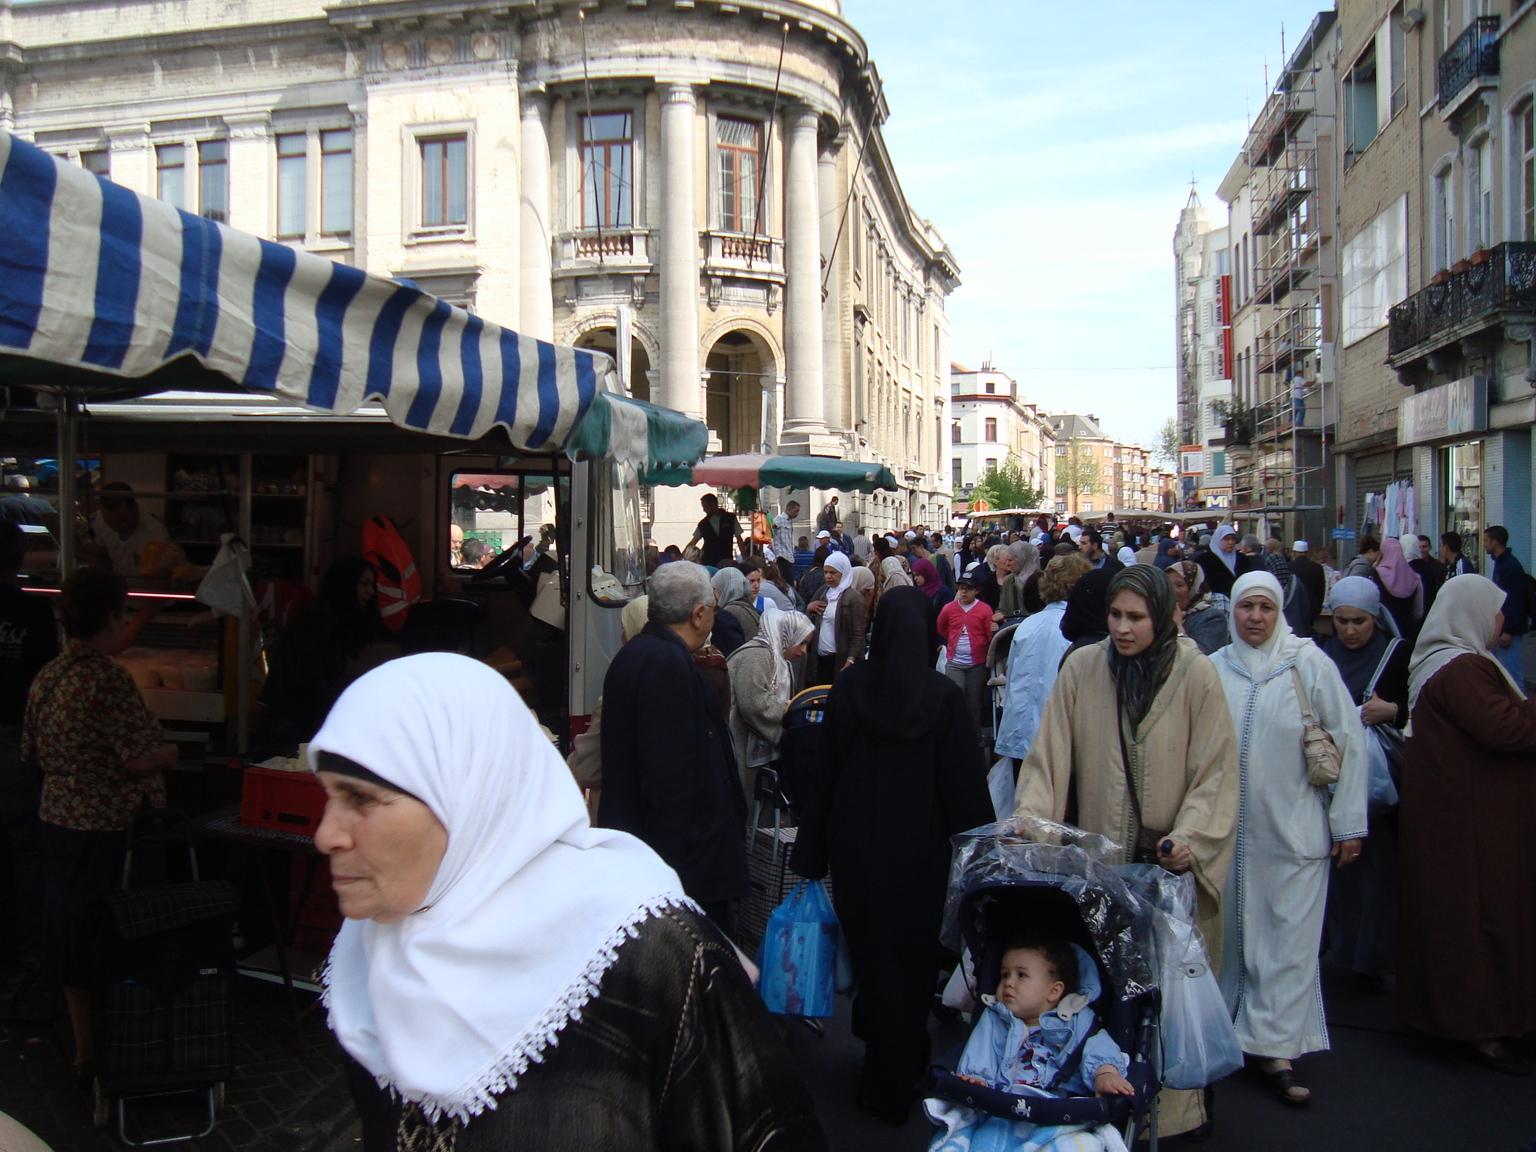 Bruxelles transformée en zone étrangère, à quand le grand chambardement ?